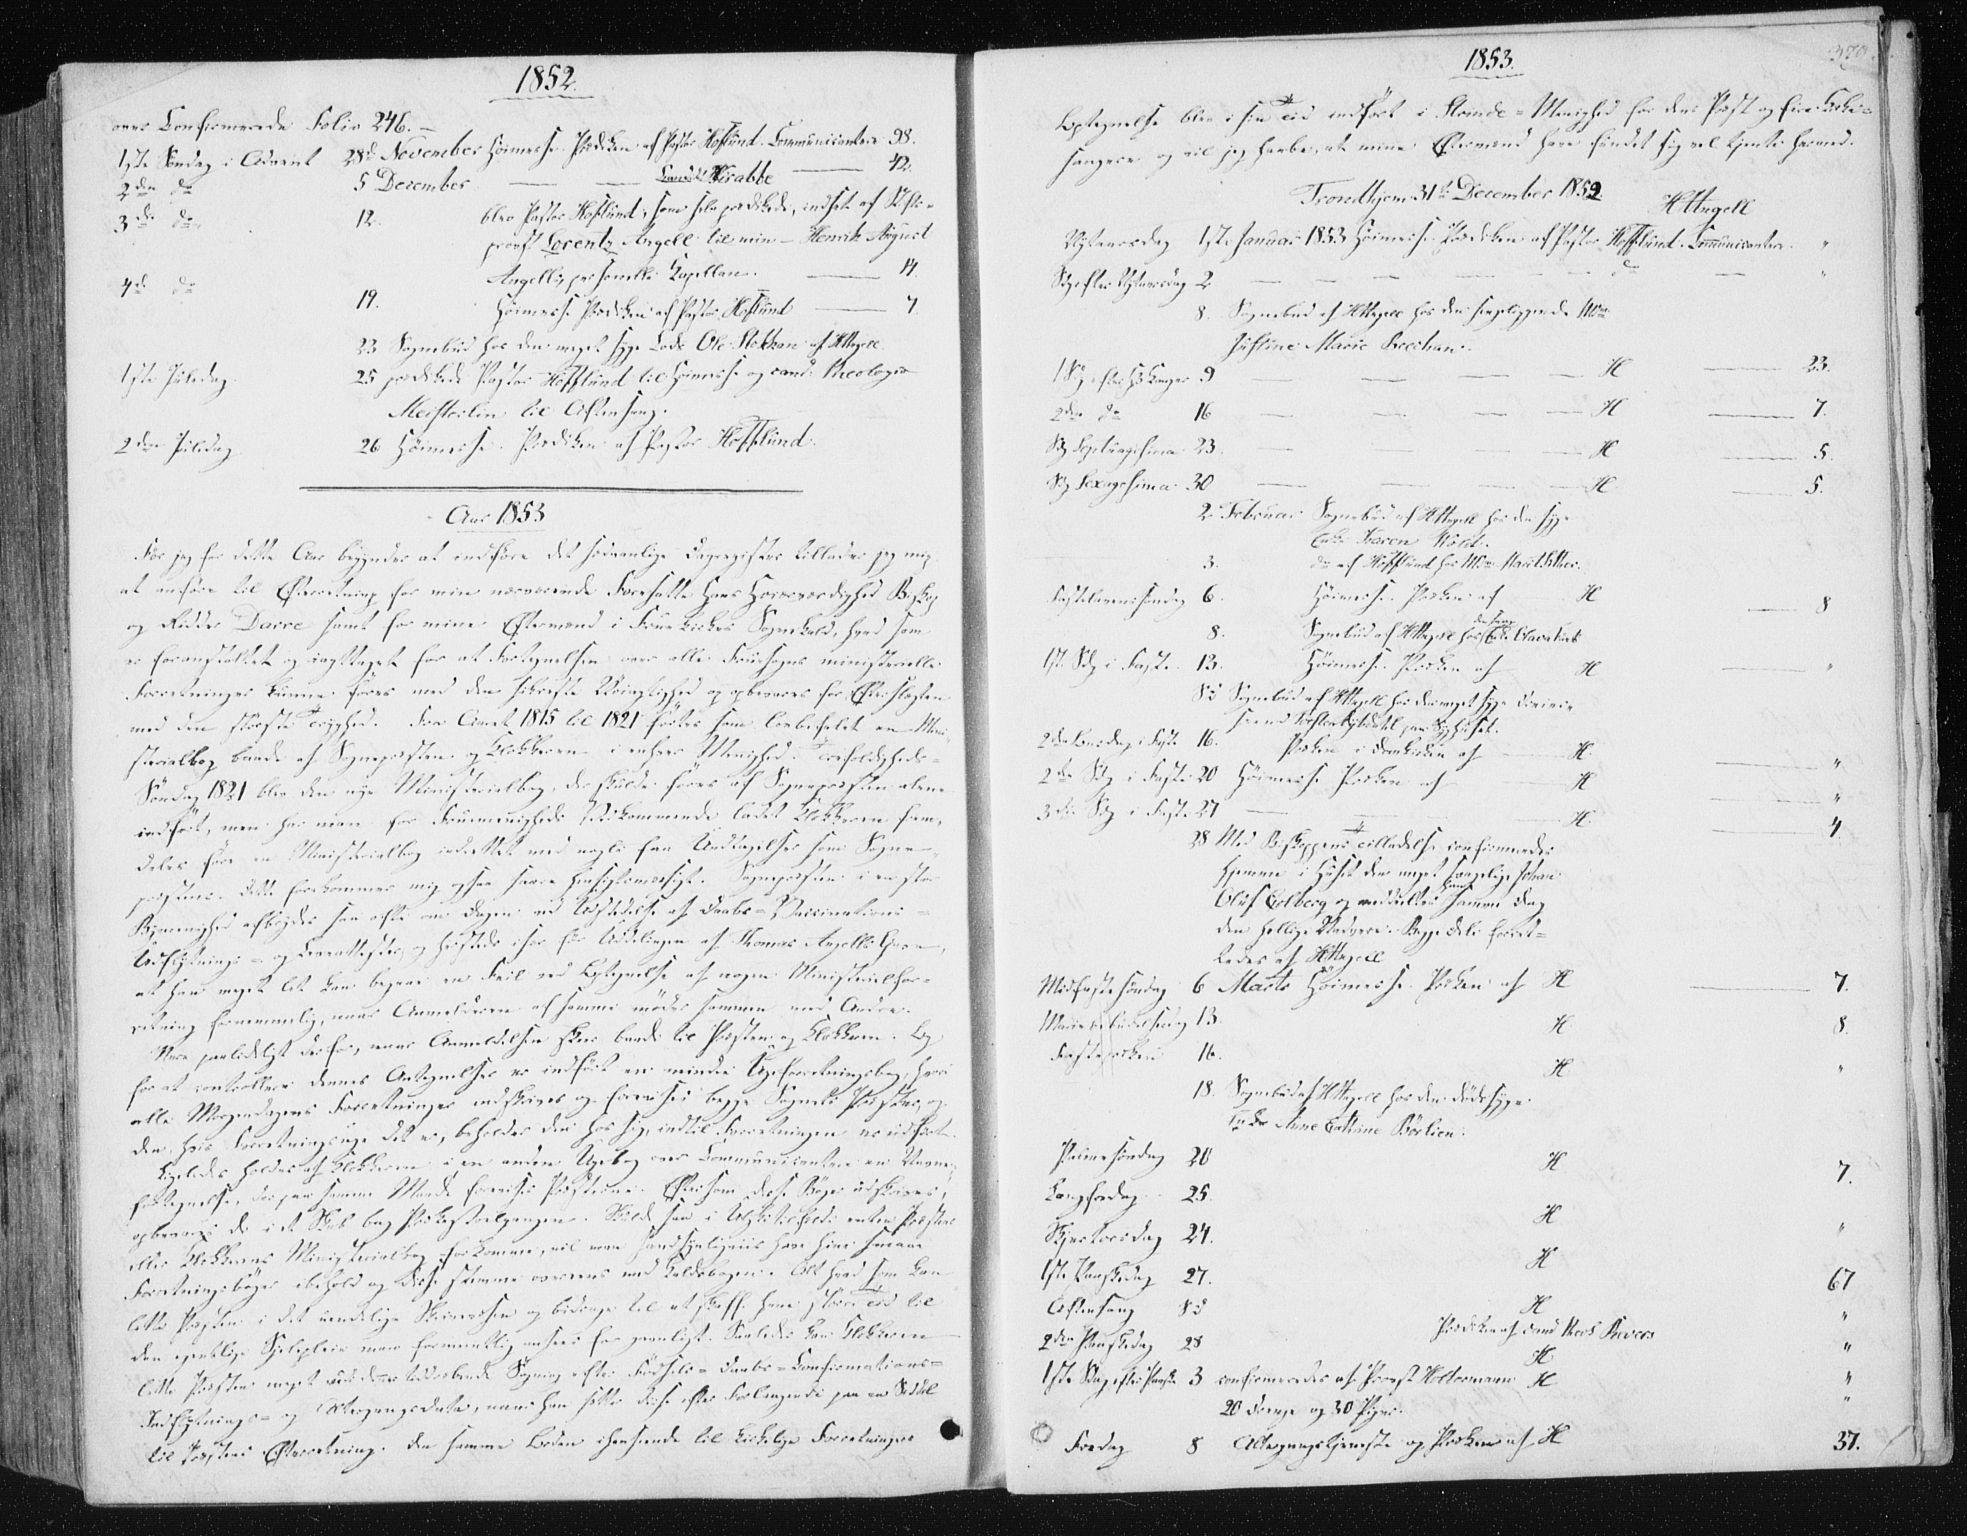 SAT, Ministerialprotokoller, klokkerbøker og fødselsregistre - Sør-Trøndelag, 602/L0110: Ministerialbok nr. 602A08, 1840-1854, s. 379